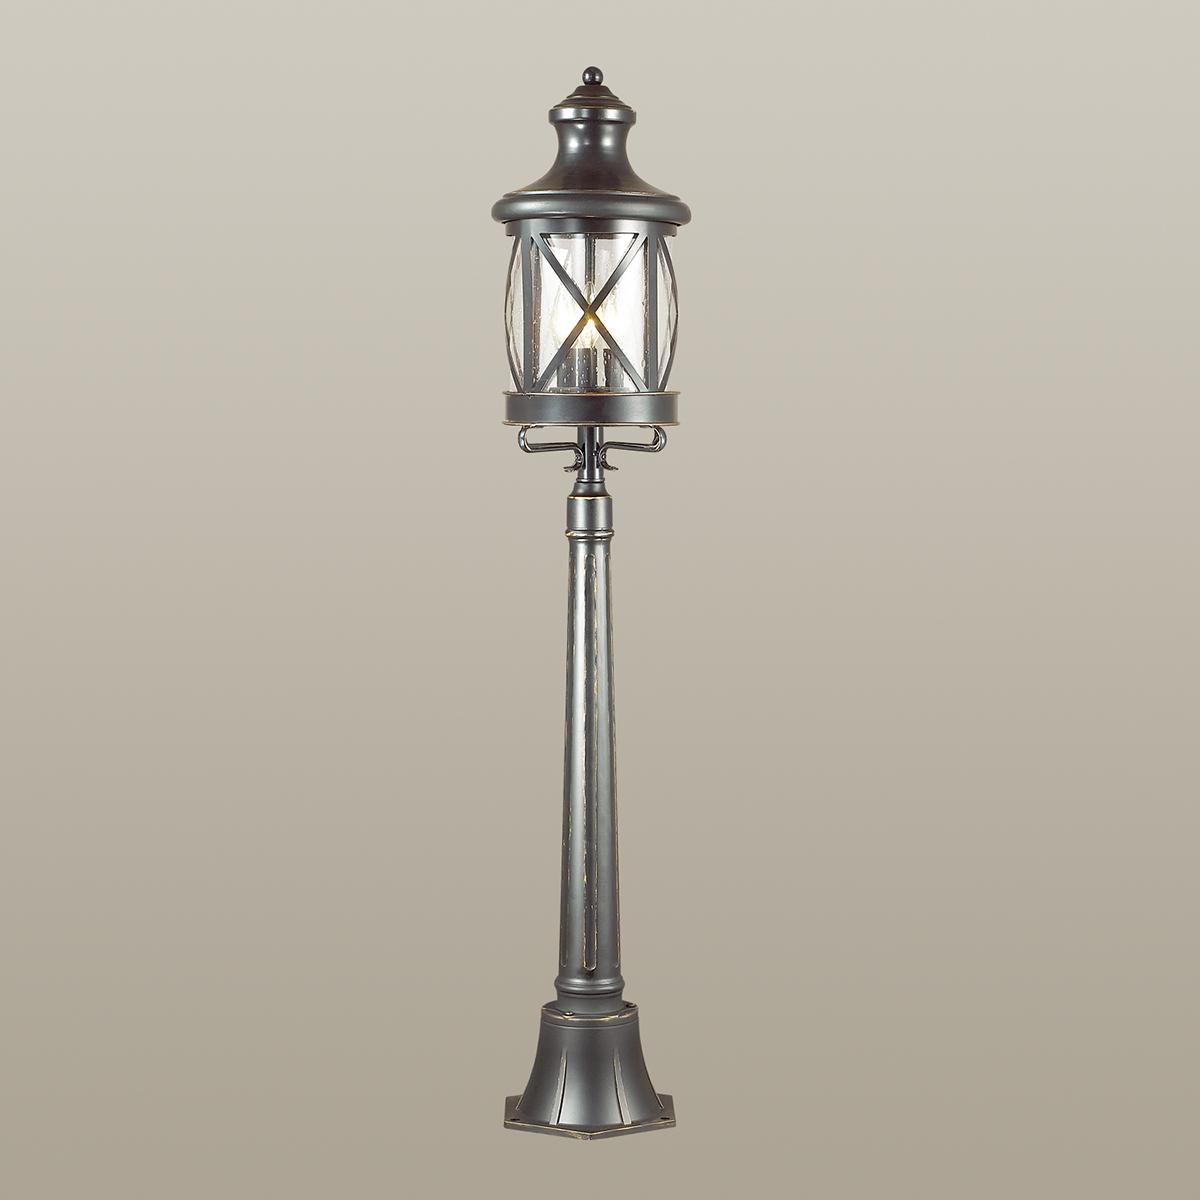 Уличный фонарь Odeon Light Sation 4045/3F, IP44, 3xE14x60W, черный, прозрачный, металл, ковка, металл со стеклом - фото 2